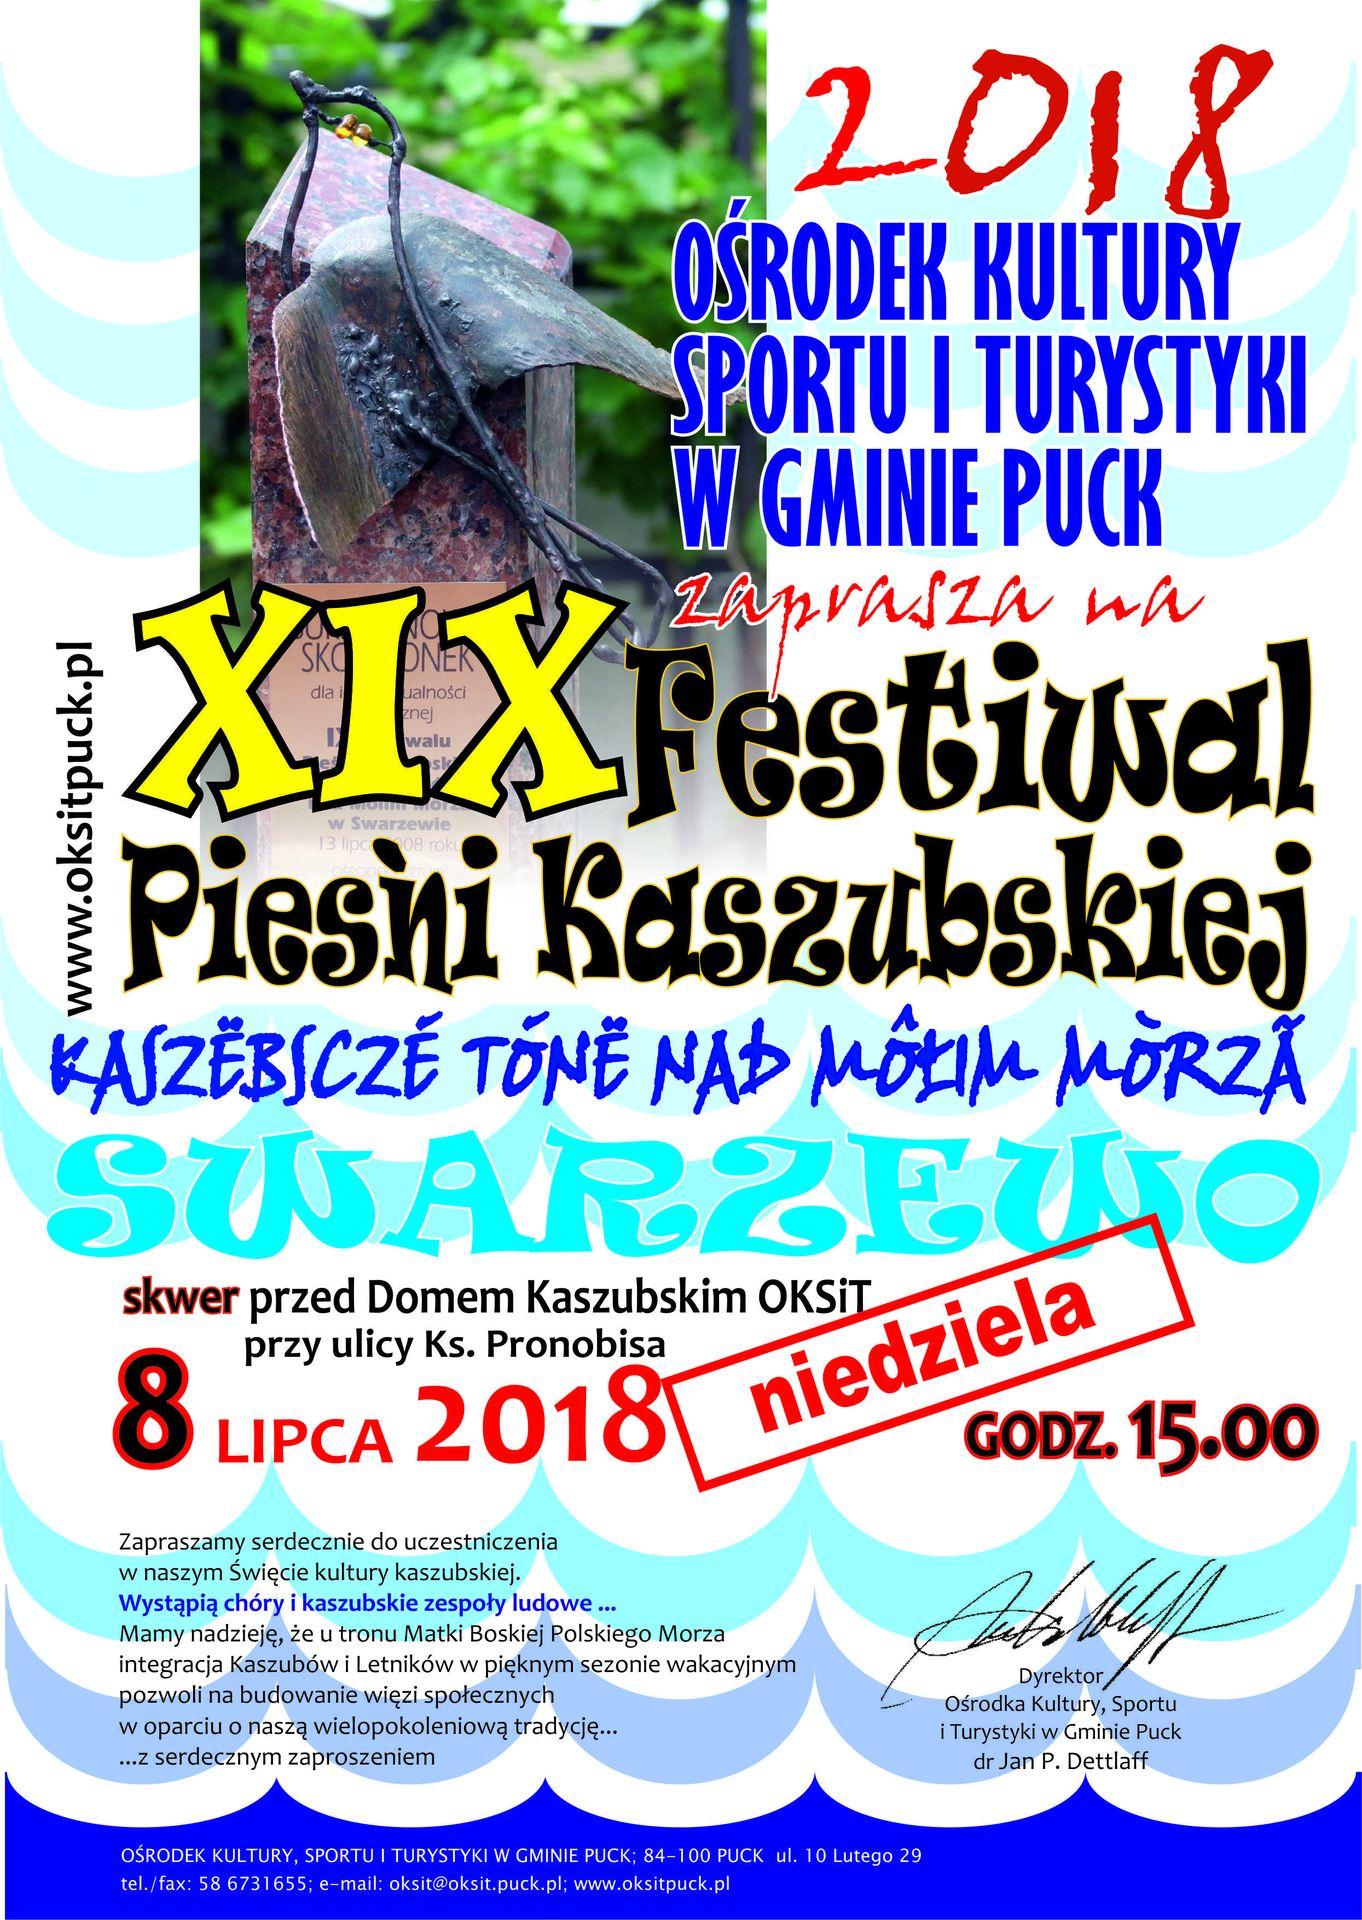 Festiwal Pieśni Kaszubskiej 8 lipca 2018 w Swarzewie